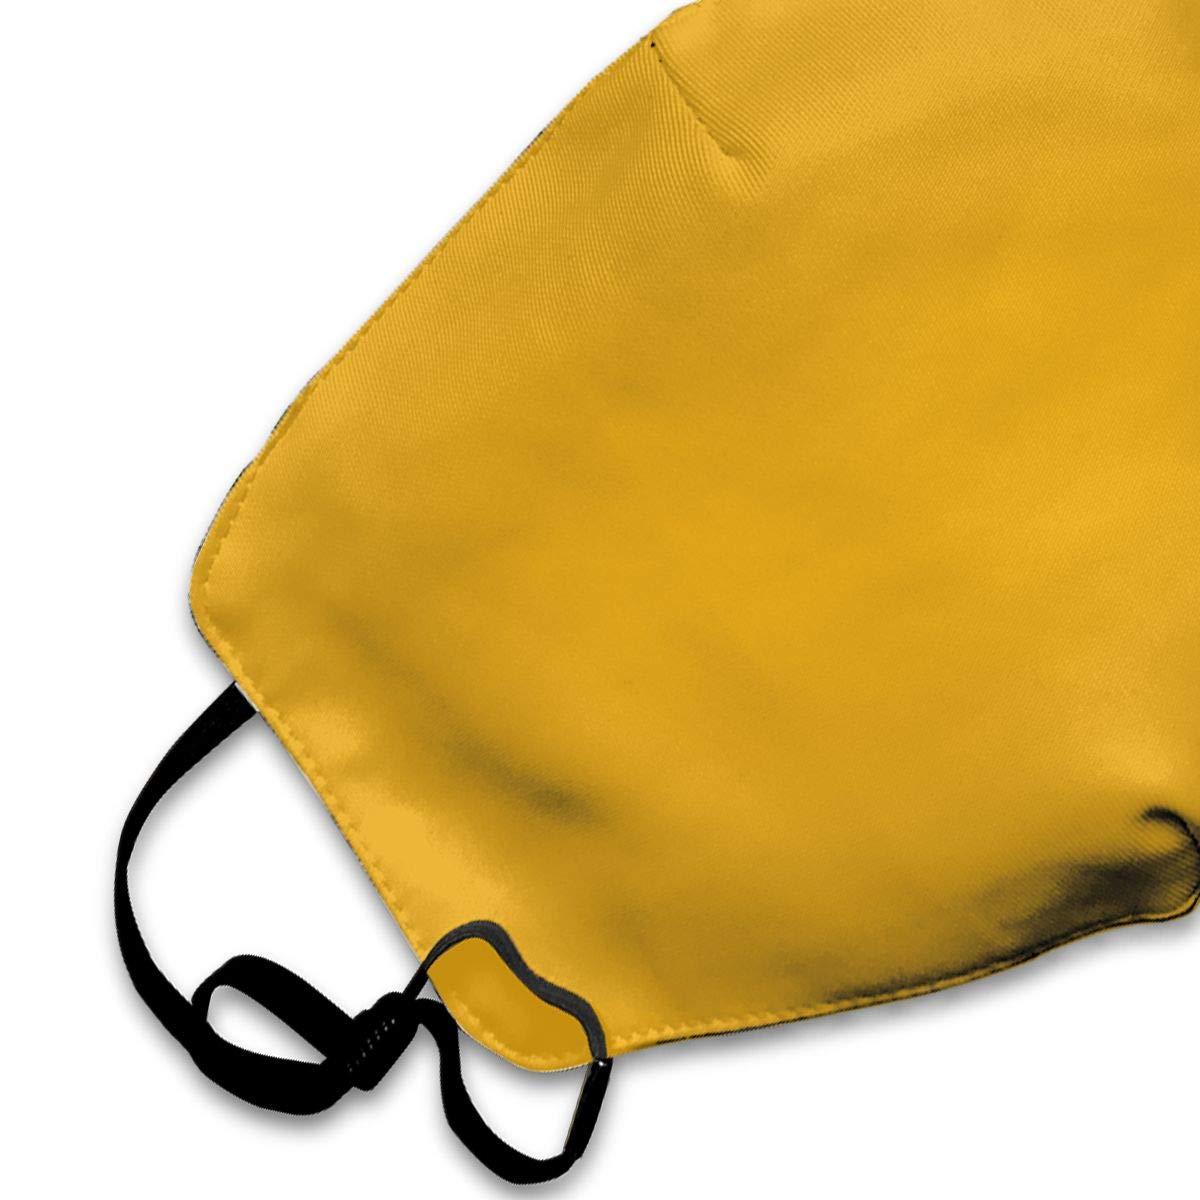 M/áscara de Seguridad Ajustable Antipolvo para la Oreja HGQHXY.U M/áscara de Boca de Graffiti psicod/élico Colorido Transpirable Unisex